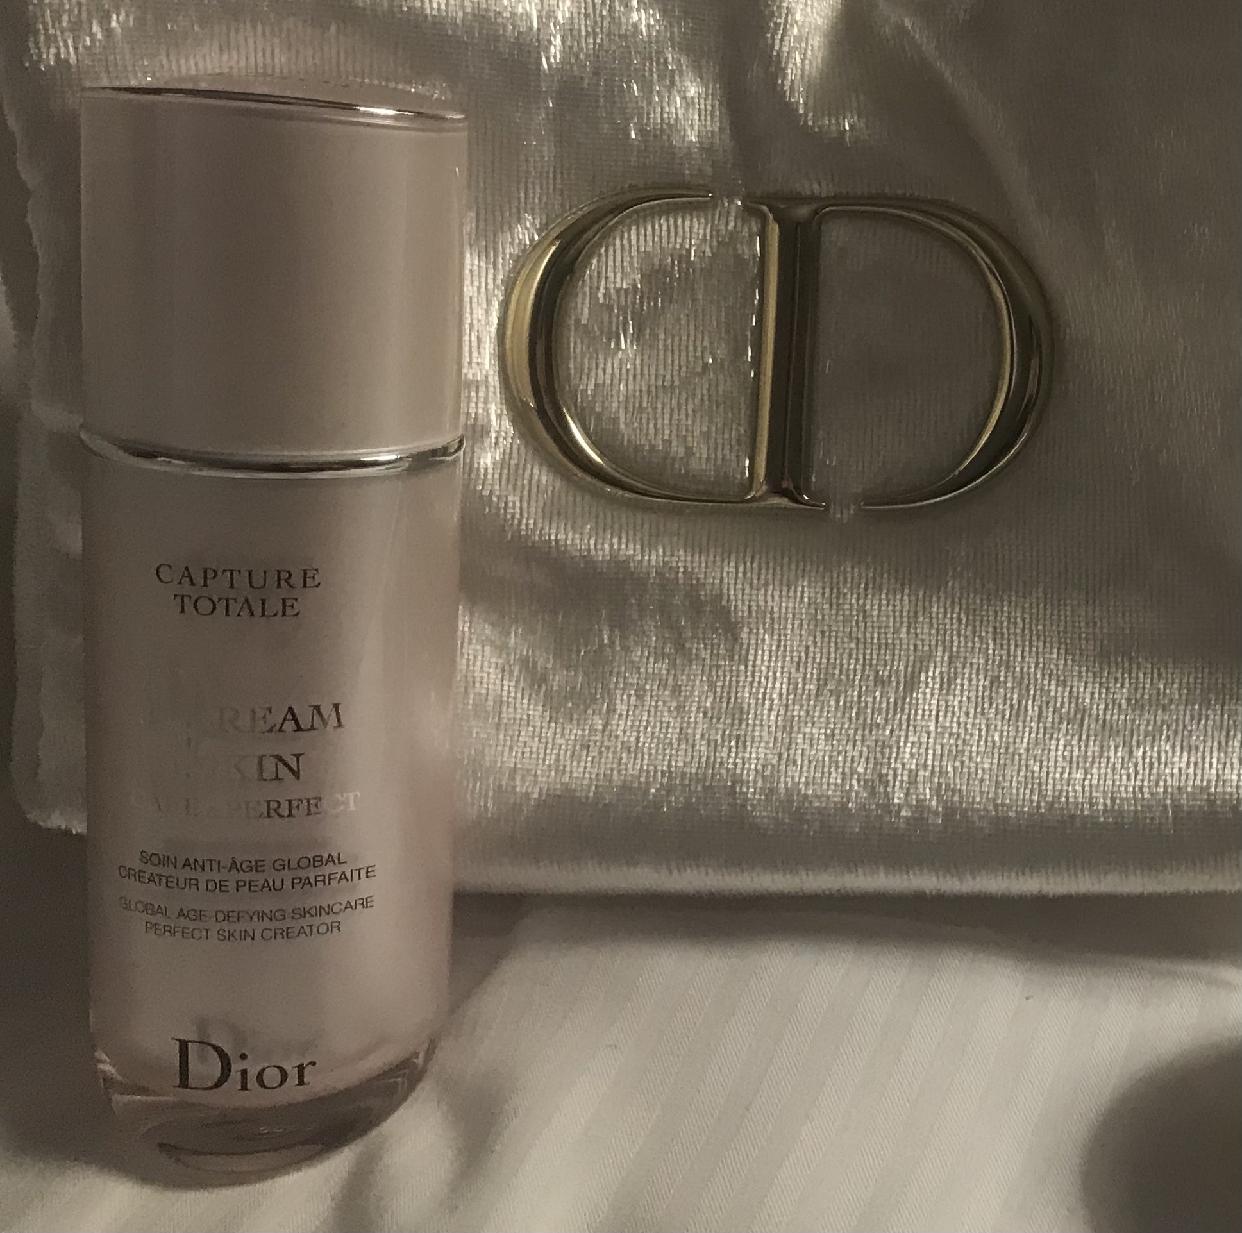 Dior(ディオール) カプチュール トータル ドリームスキン ケア&パーフェクトを使ったきんさんのクチコミ画像1